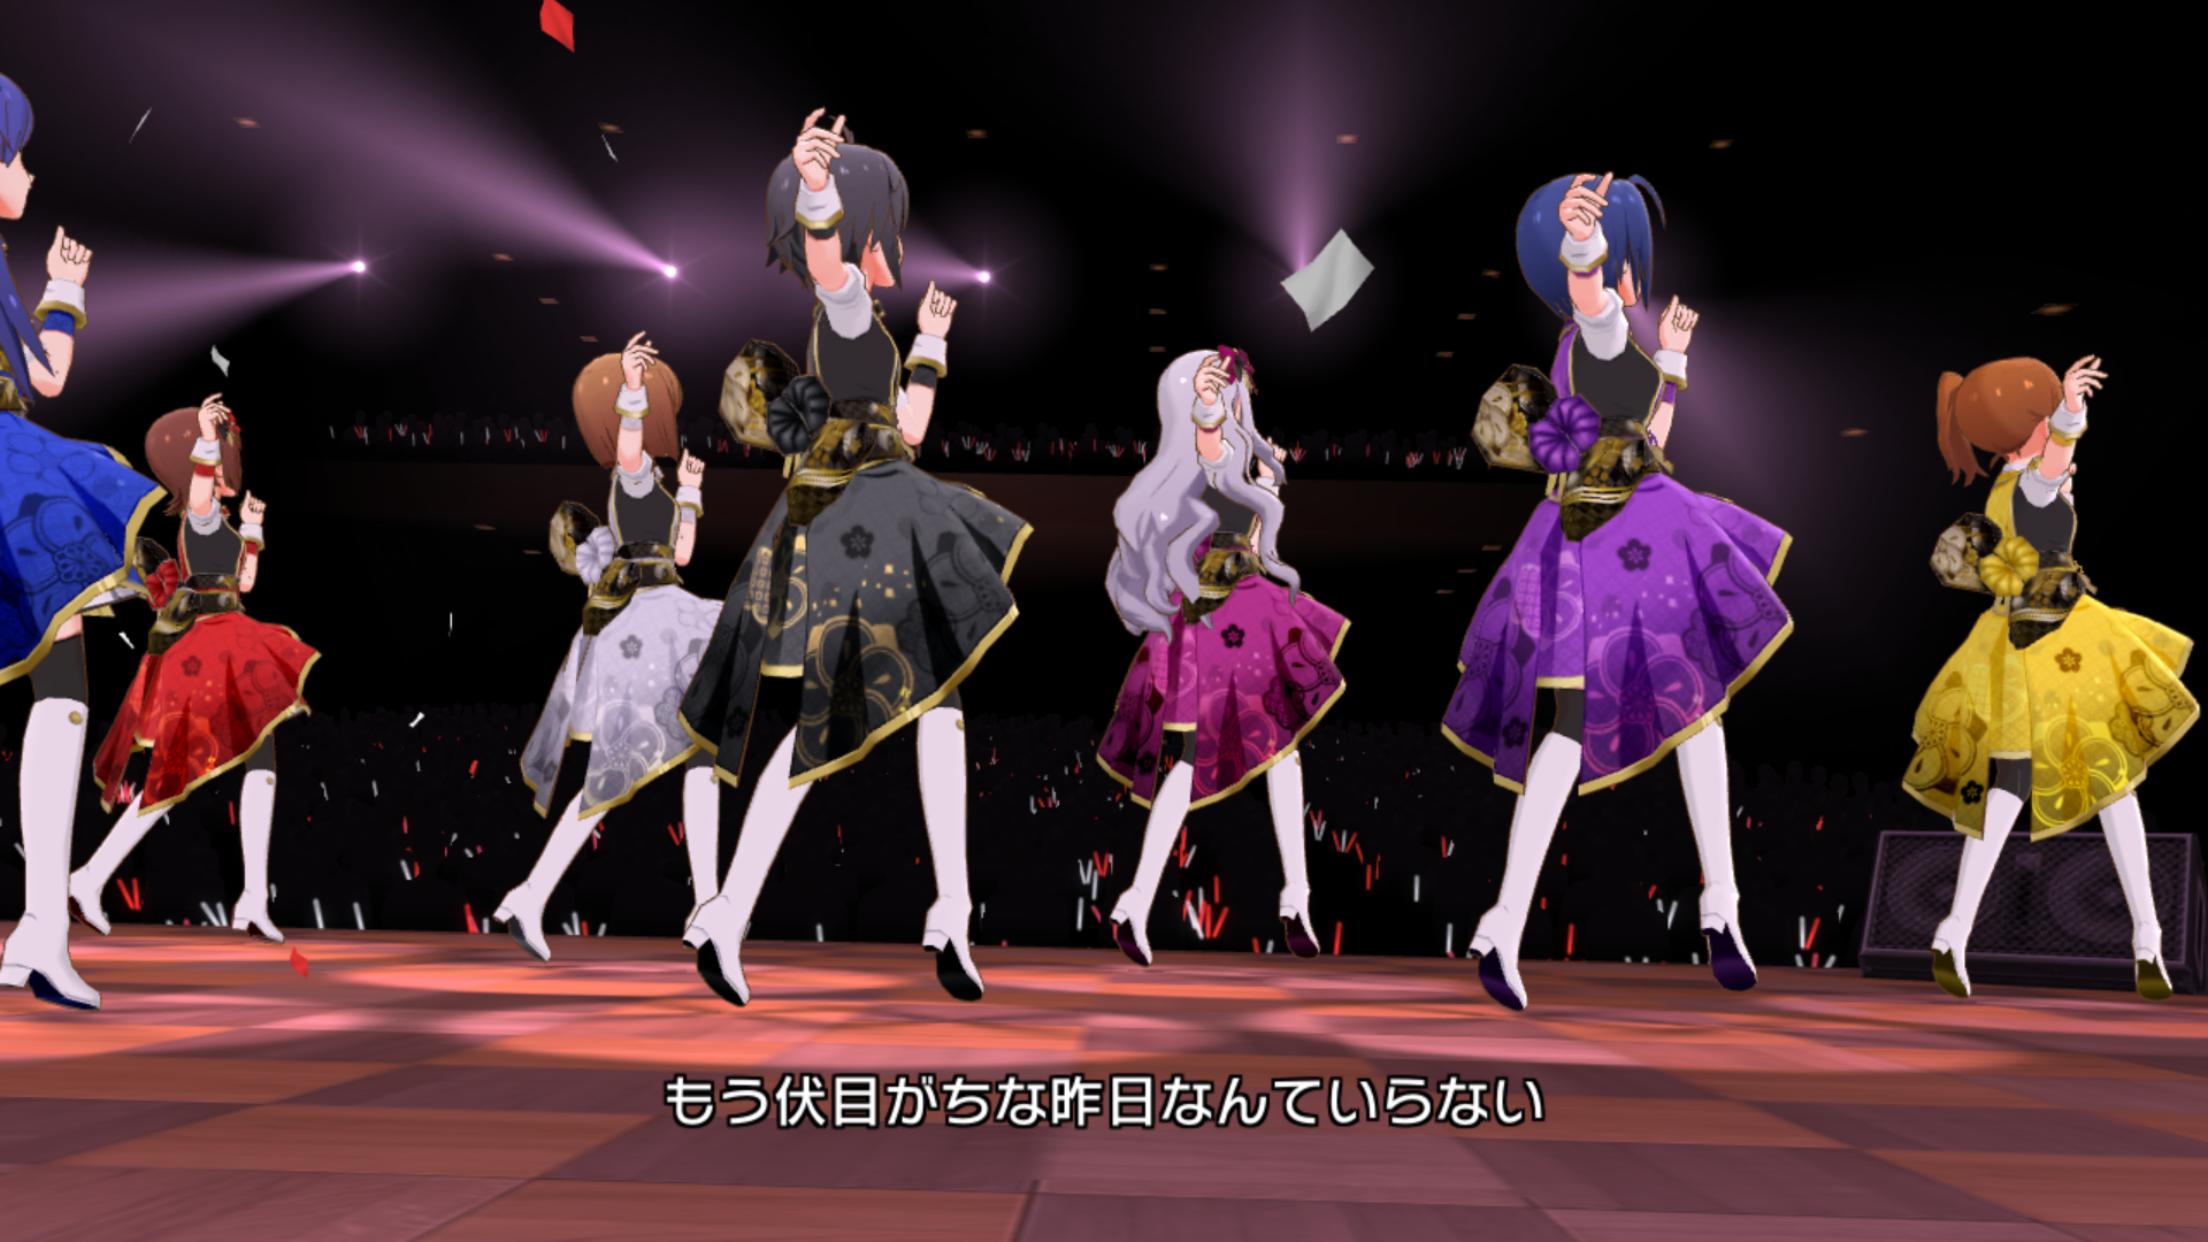 f:id:SeisoSakuya:20190205221955p:image